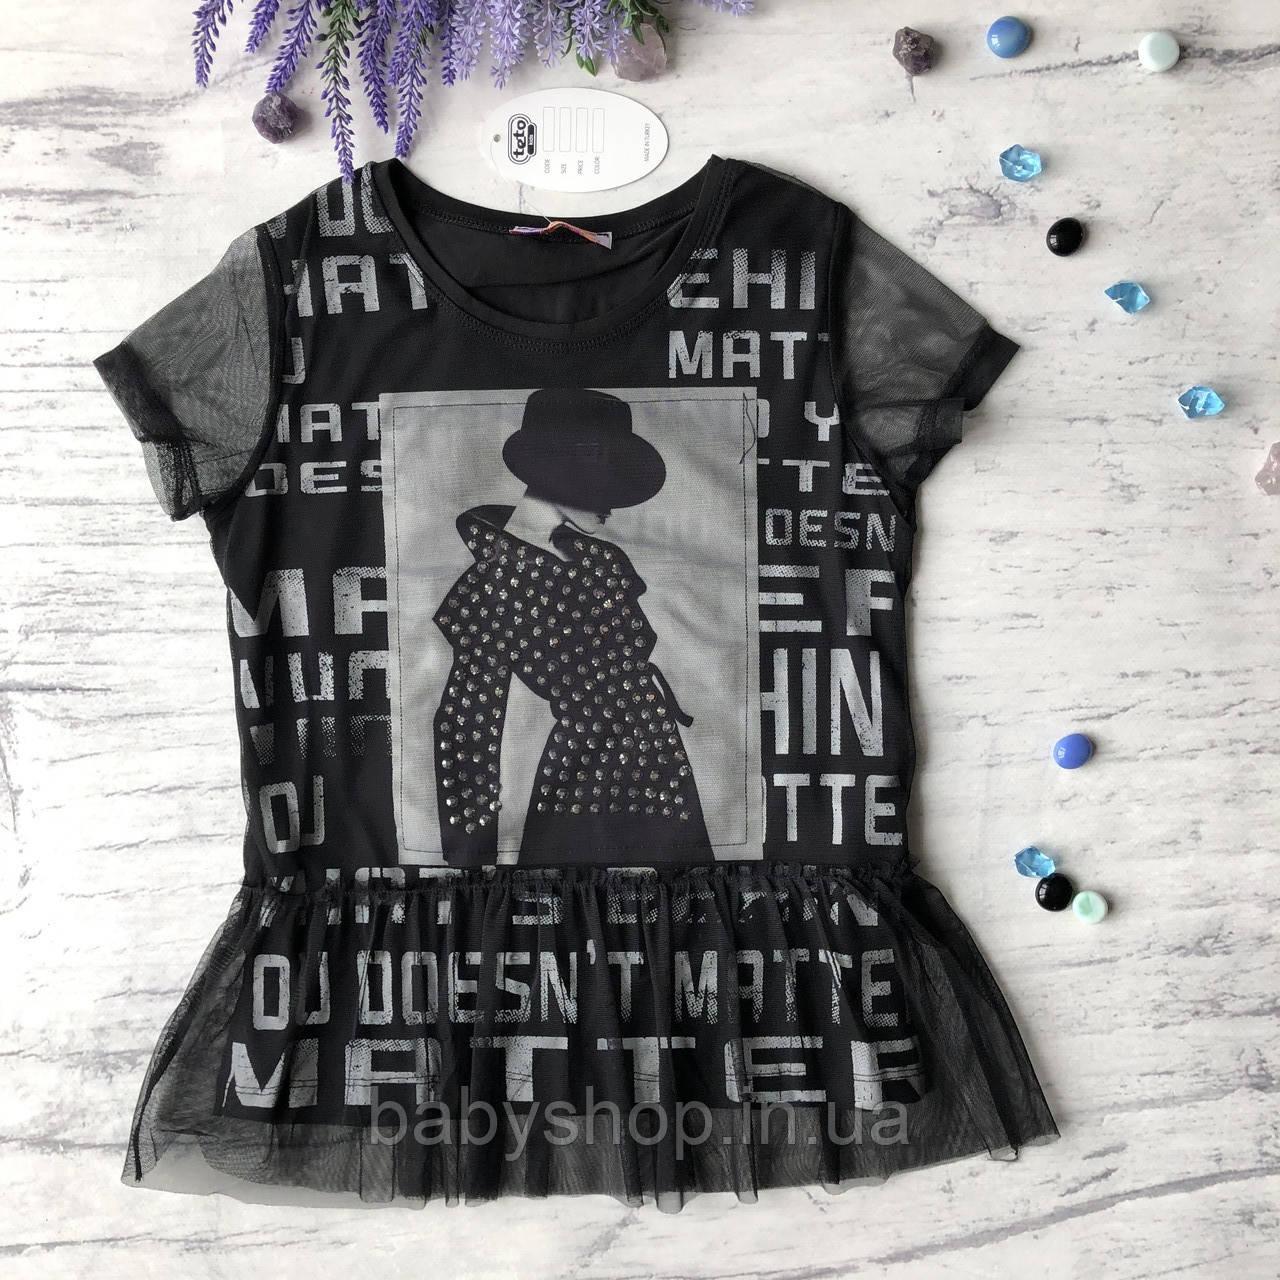 Чорна футболка на дівчинку 48 .Розміри 128 см, 140 см, 152 см, 164 см, 176 см